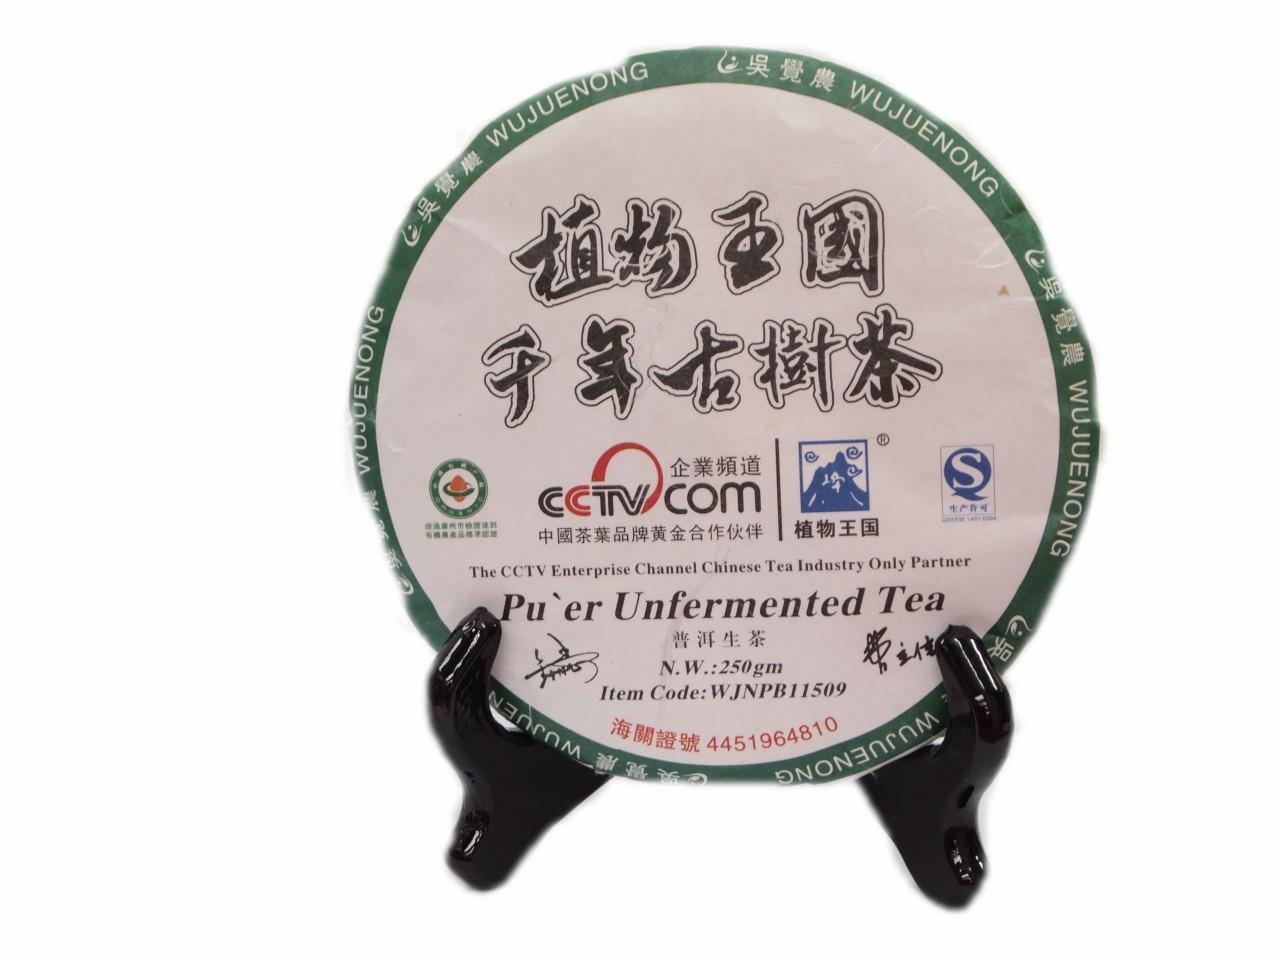 吳覺農茶葉傳統